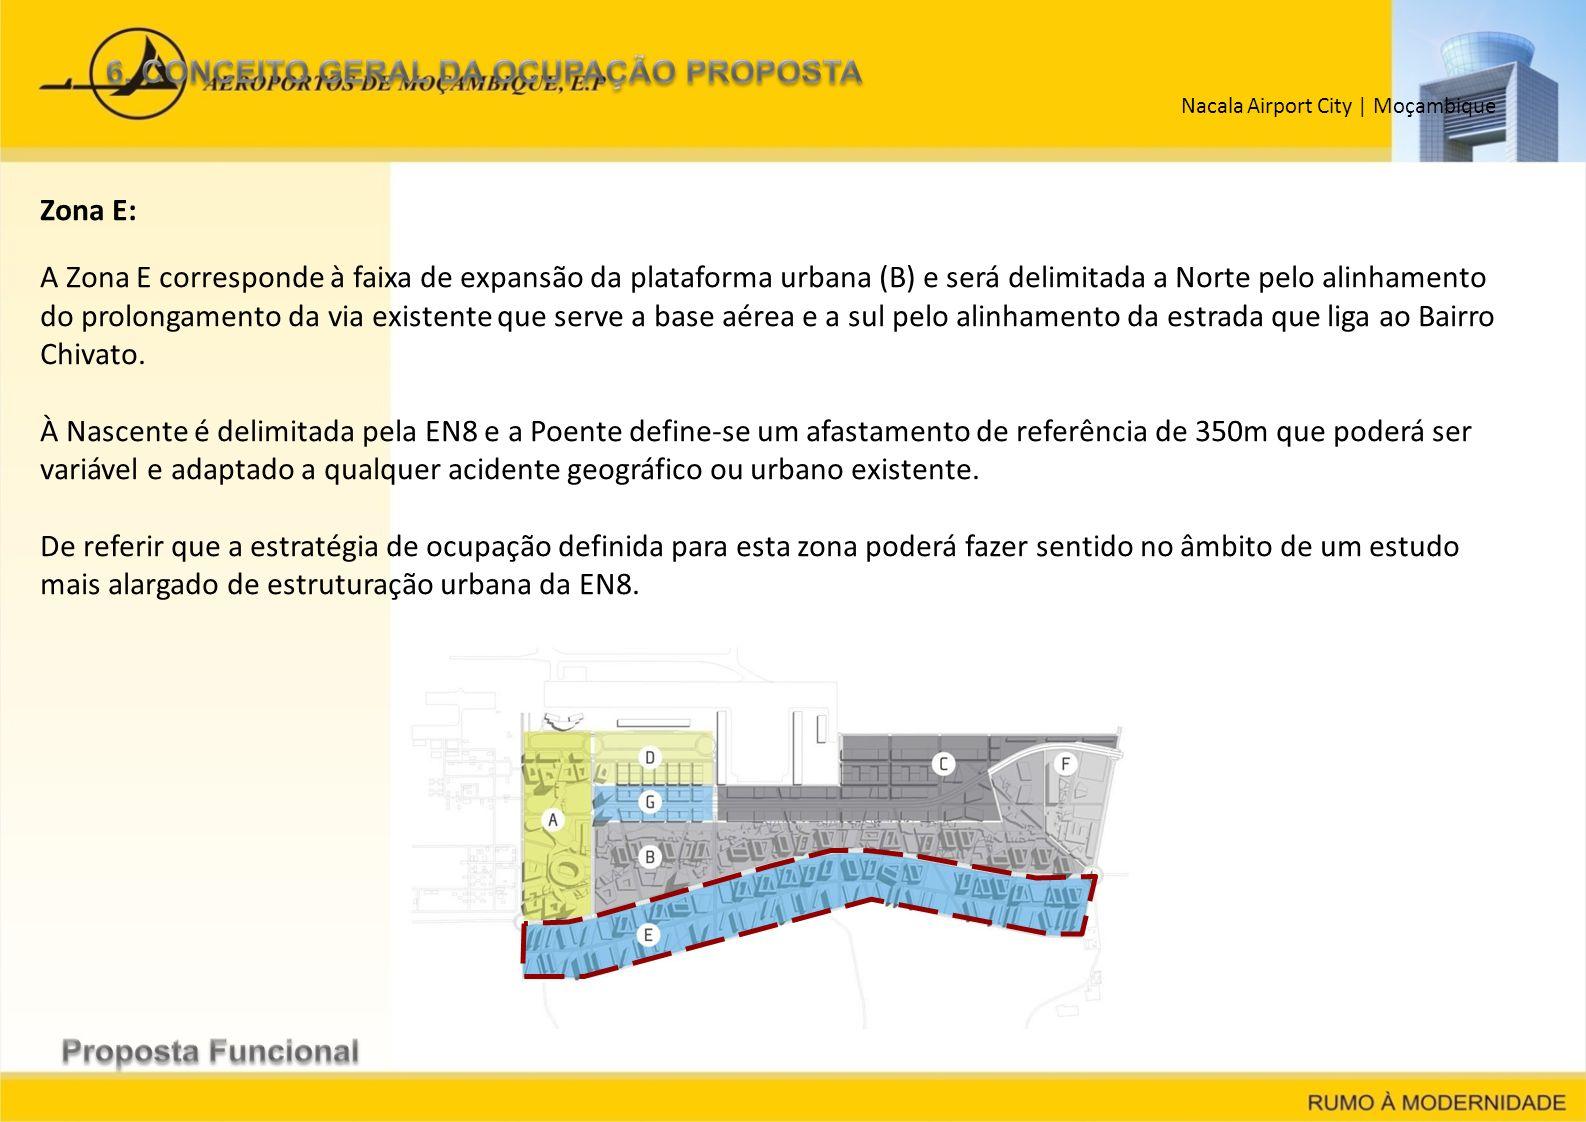 Nacala Airport City   Moçambique Zona E: A Zona E corresponde à faixa de expansão da plataforma urbana (B) e será delimitada a Norte pelo alinhamento